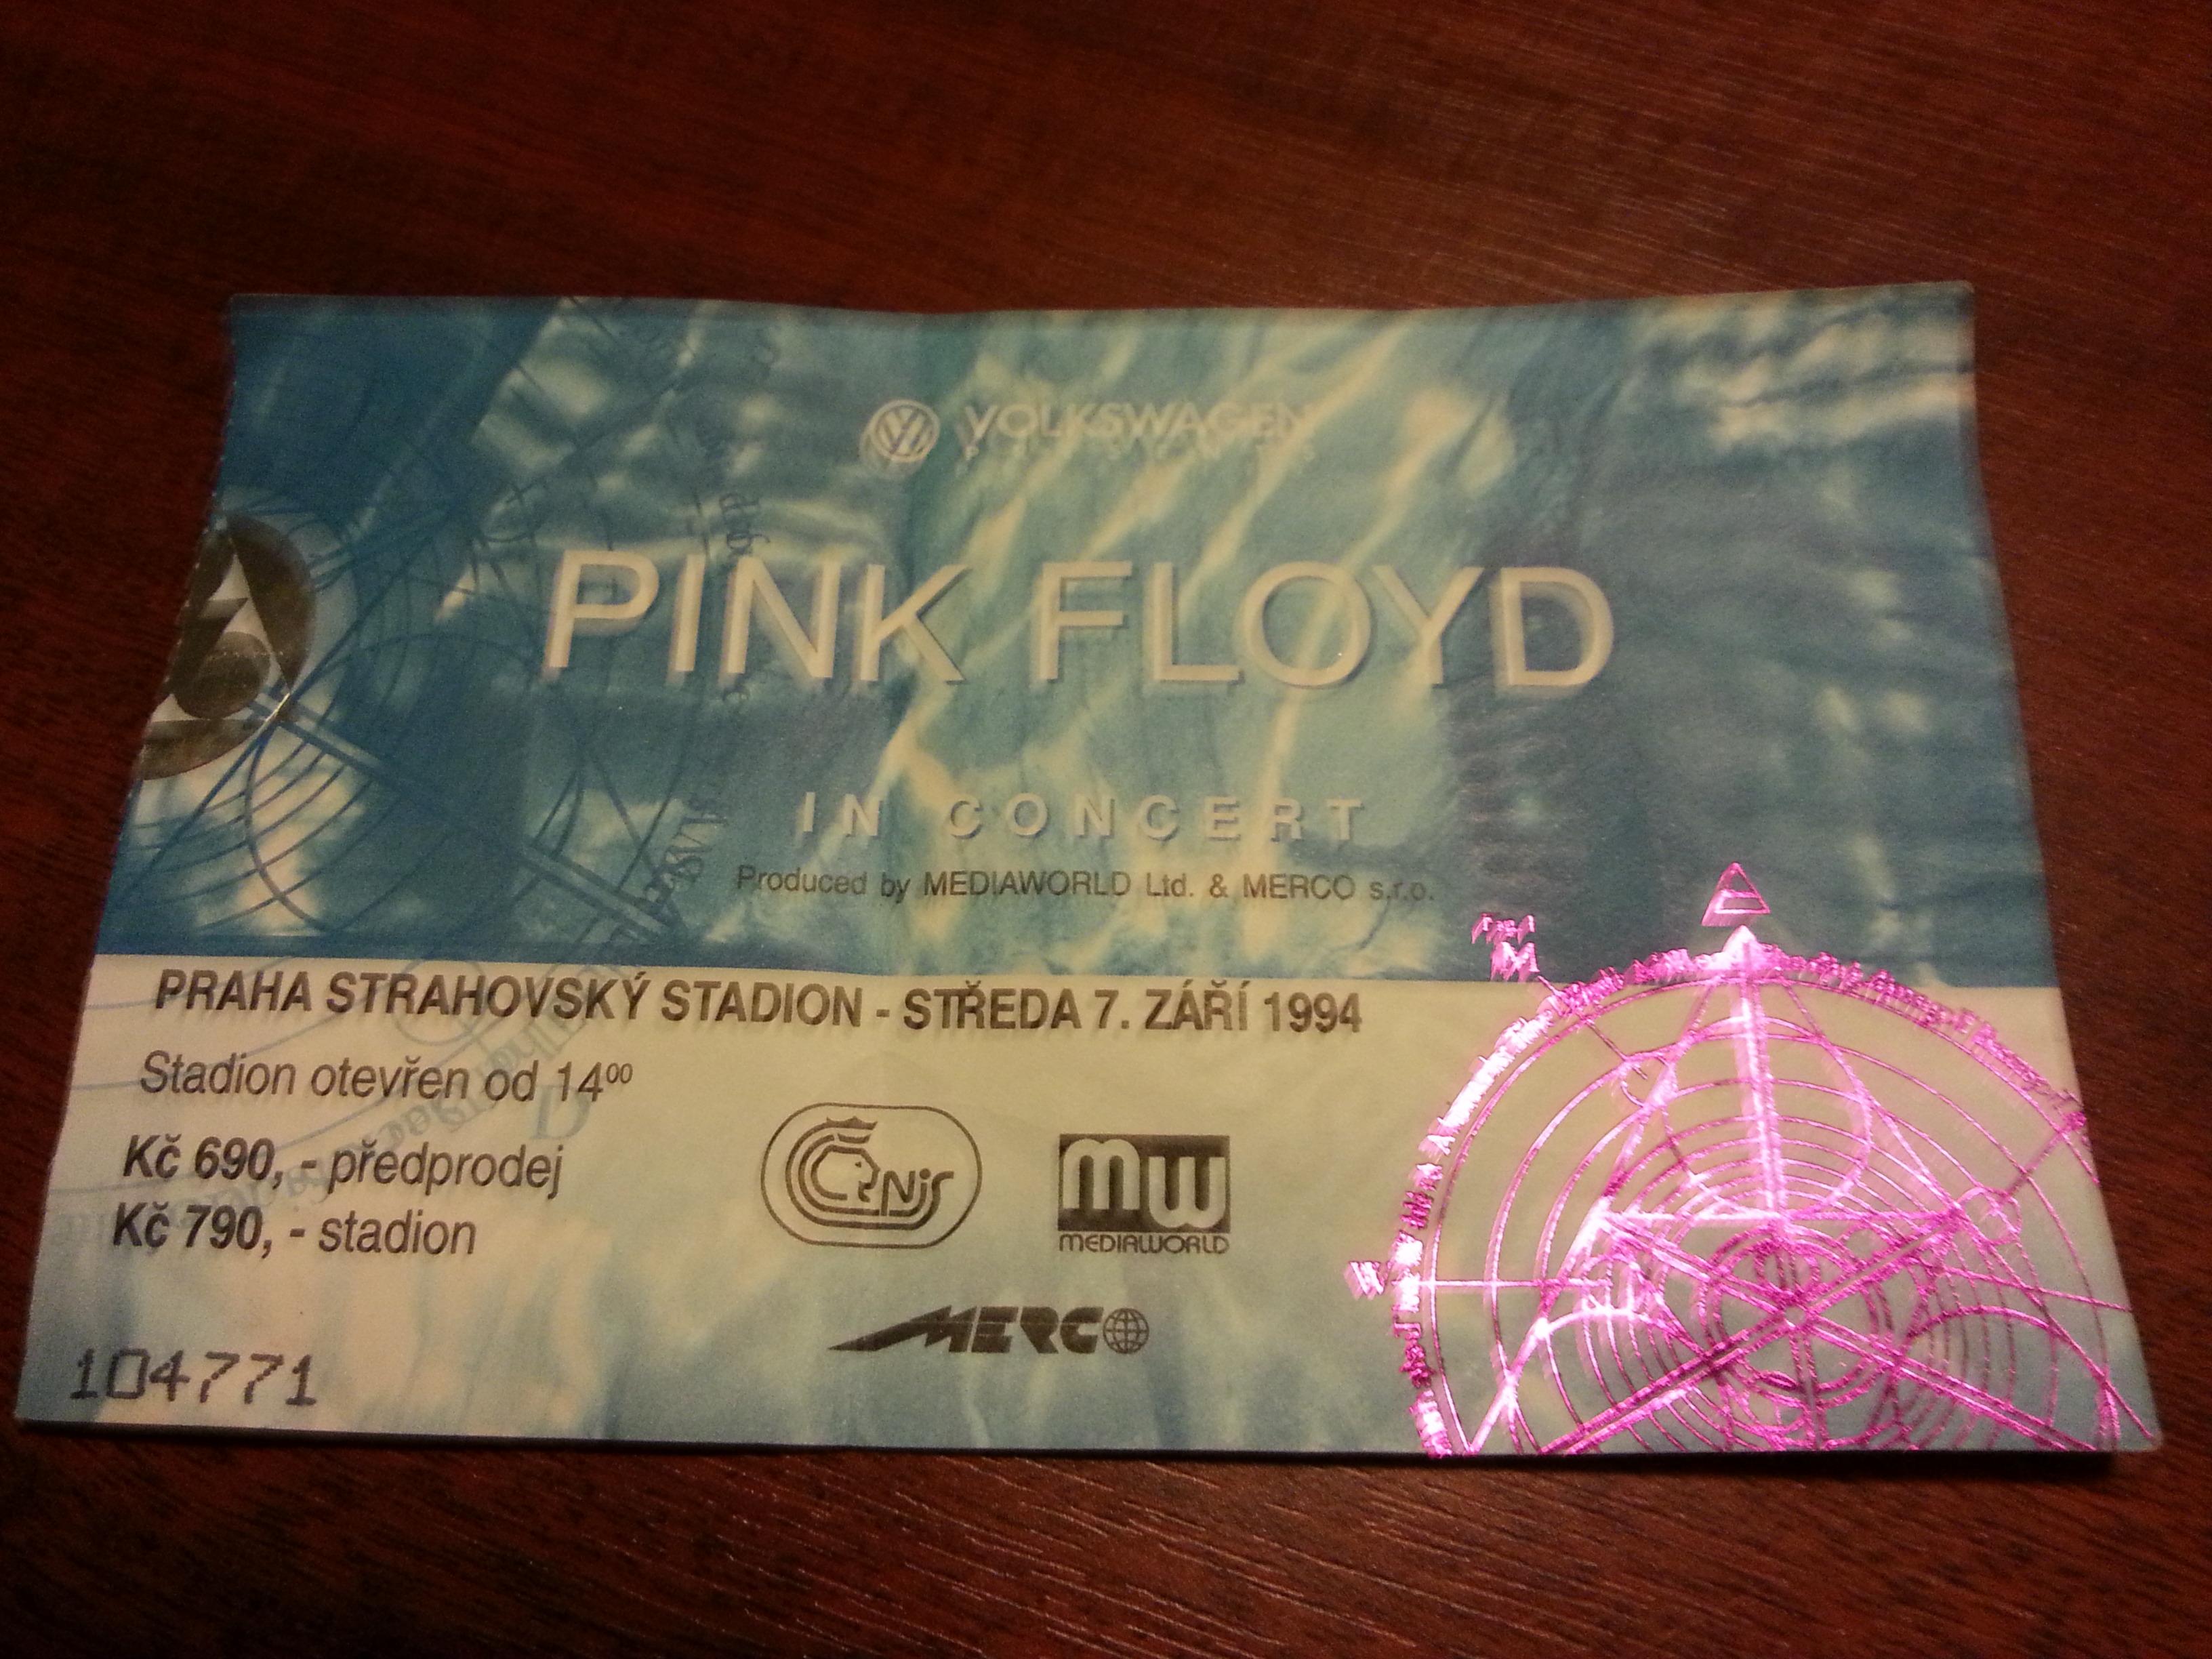 Pietně uchovávaný lístek na jiný kvalitní koncert.